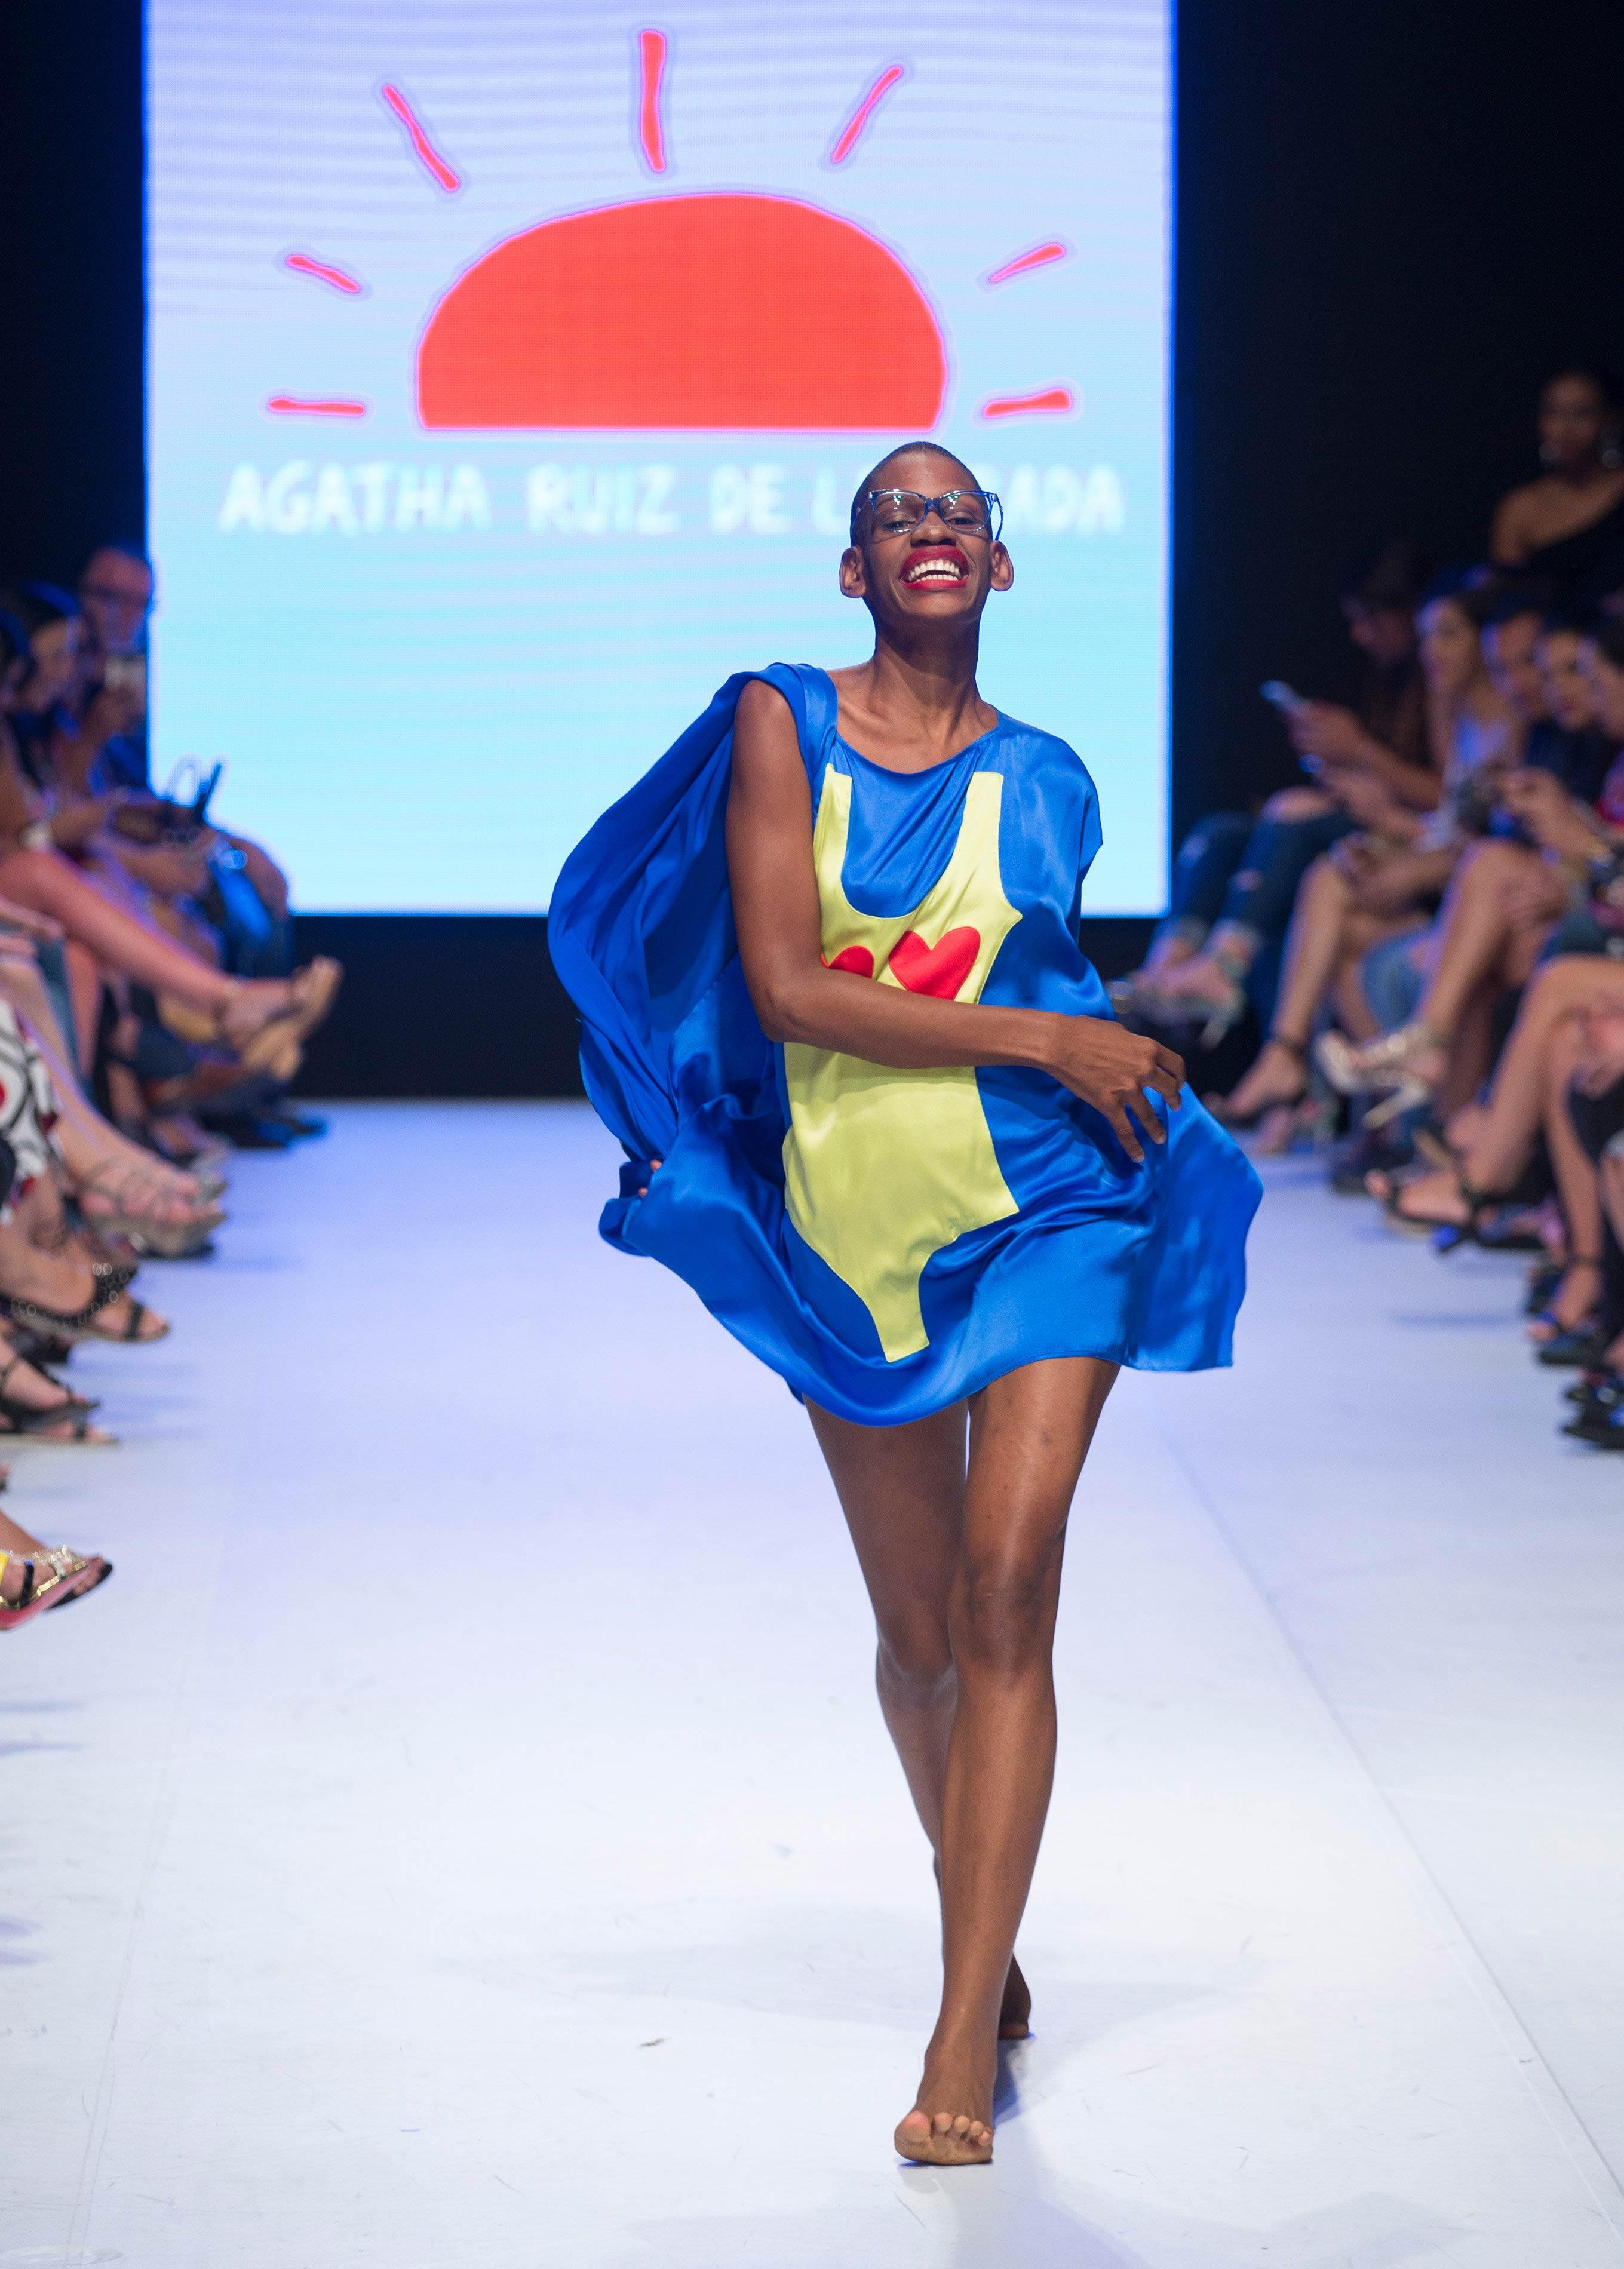 El azul, uno de los colores shocking de la diseñadora Ágatha Ruiz de la Prada, durante la clausura de la Semana de la Moda de Dominicana. Foto EFE/ Orlando Barría.